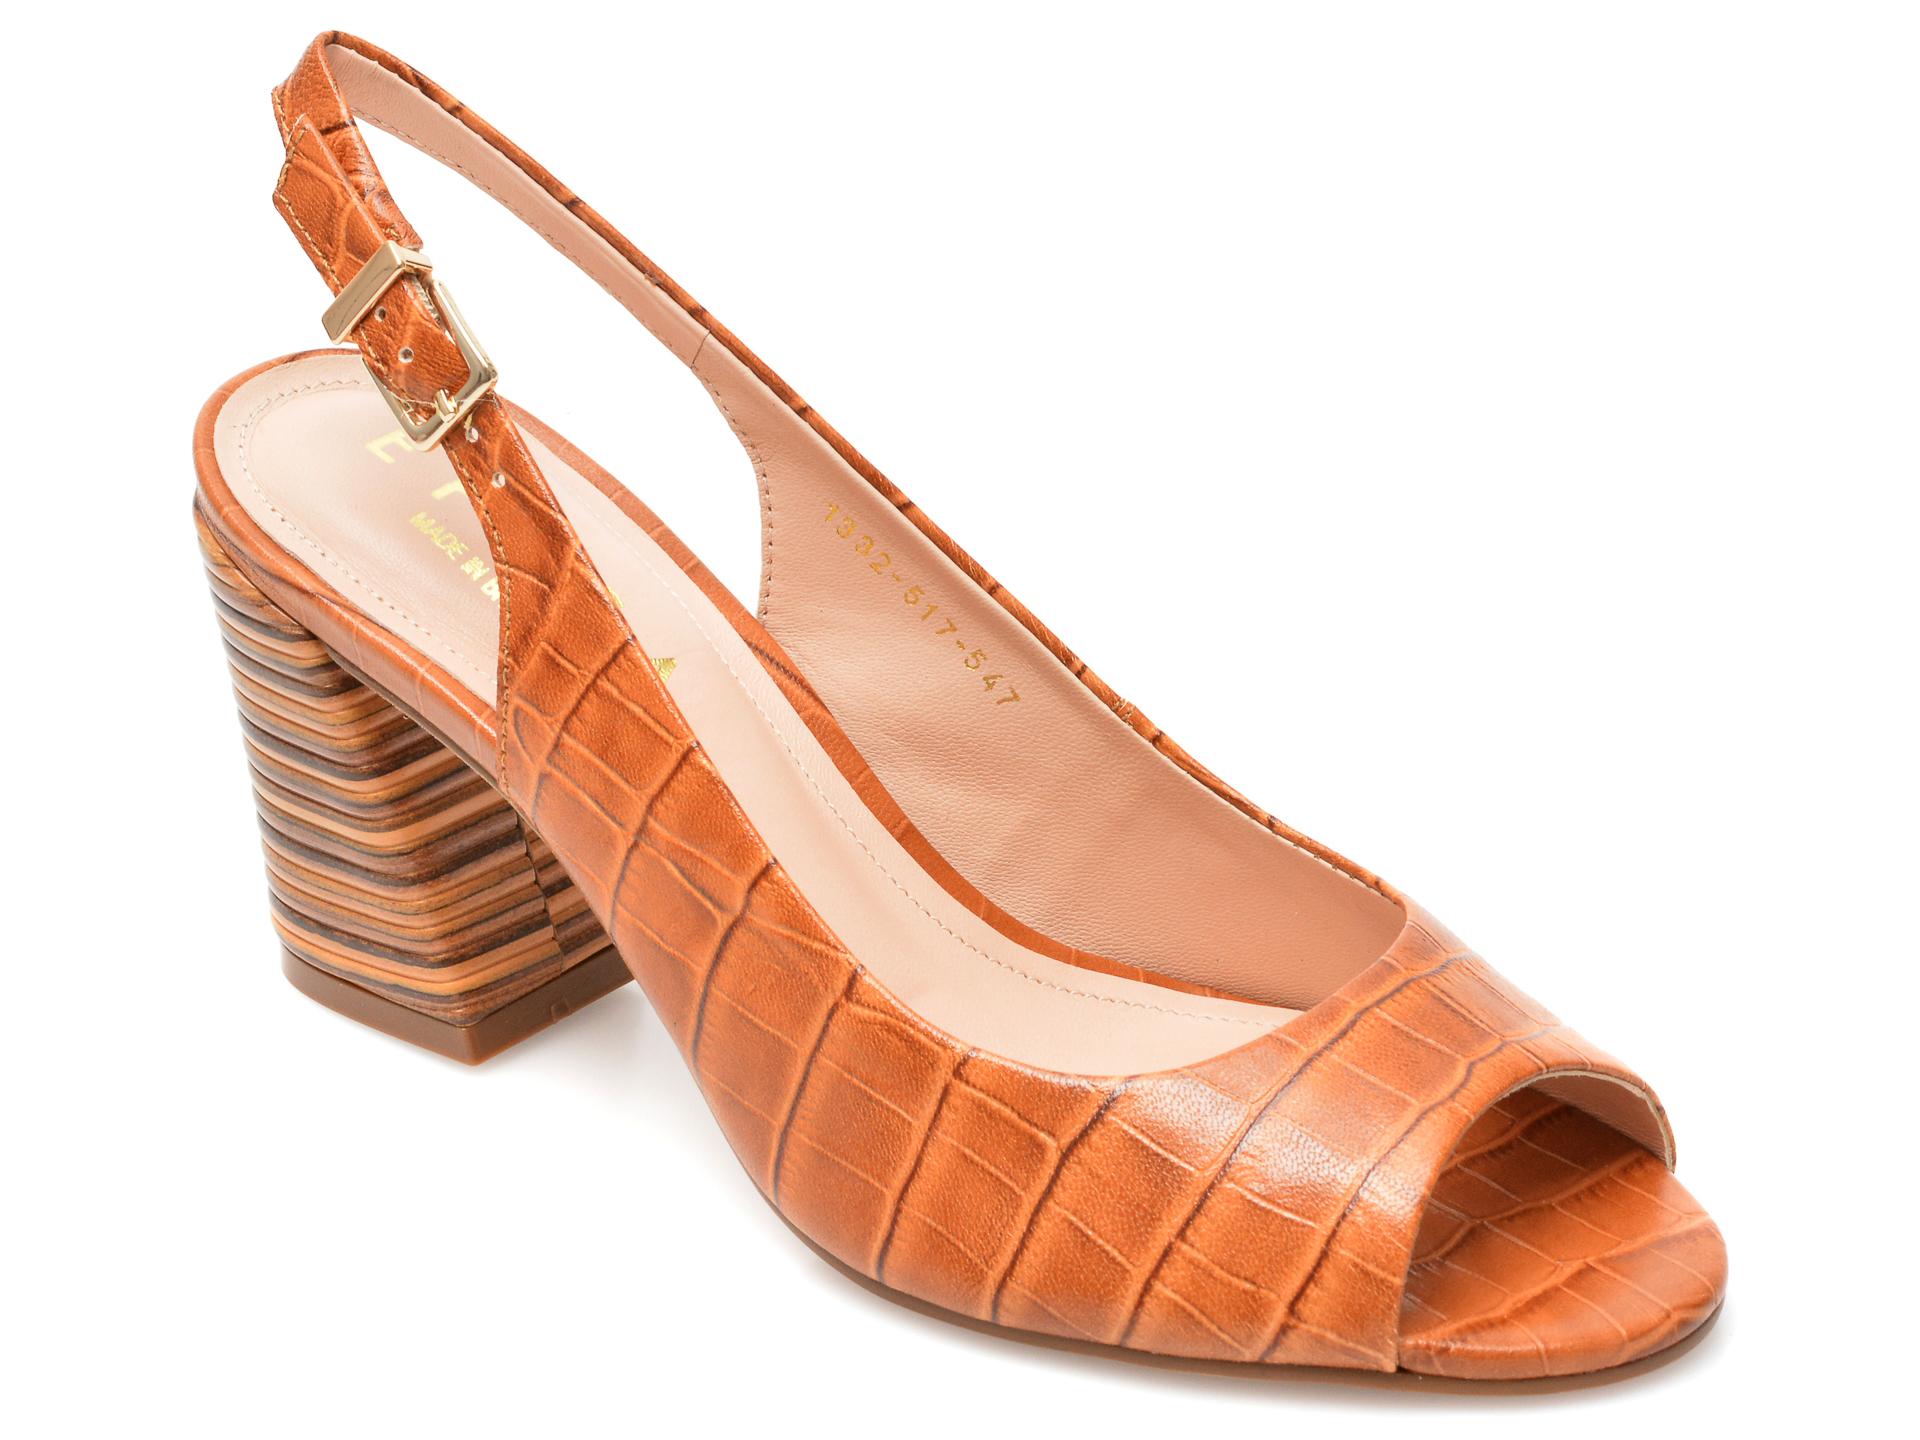 Sandale EPICA maro, 1332547, din piele naturala imagine otter.ro 2021